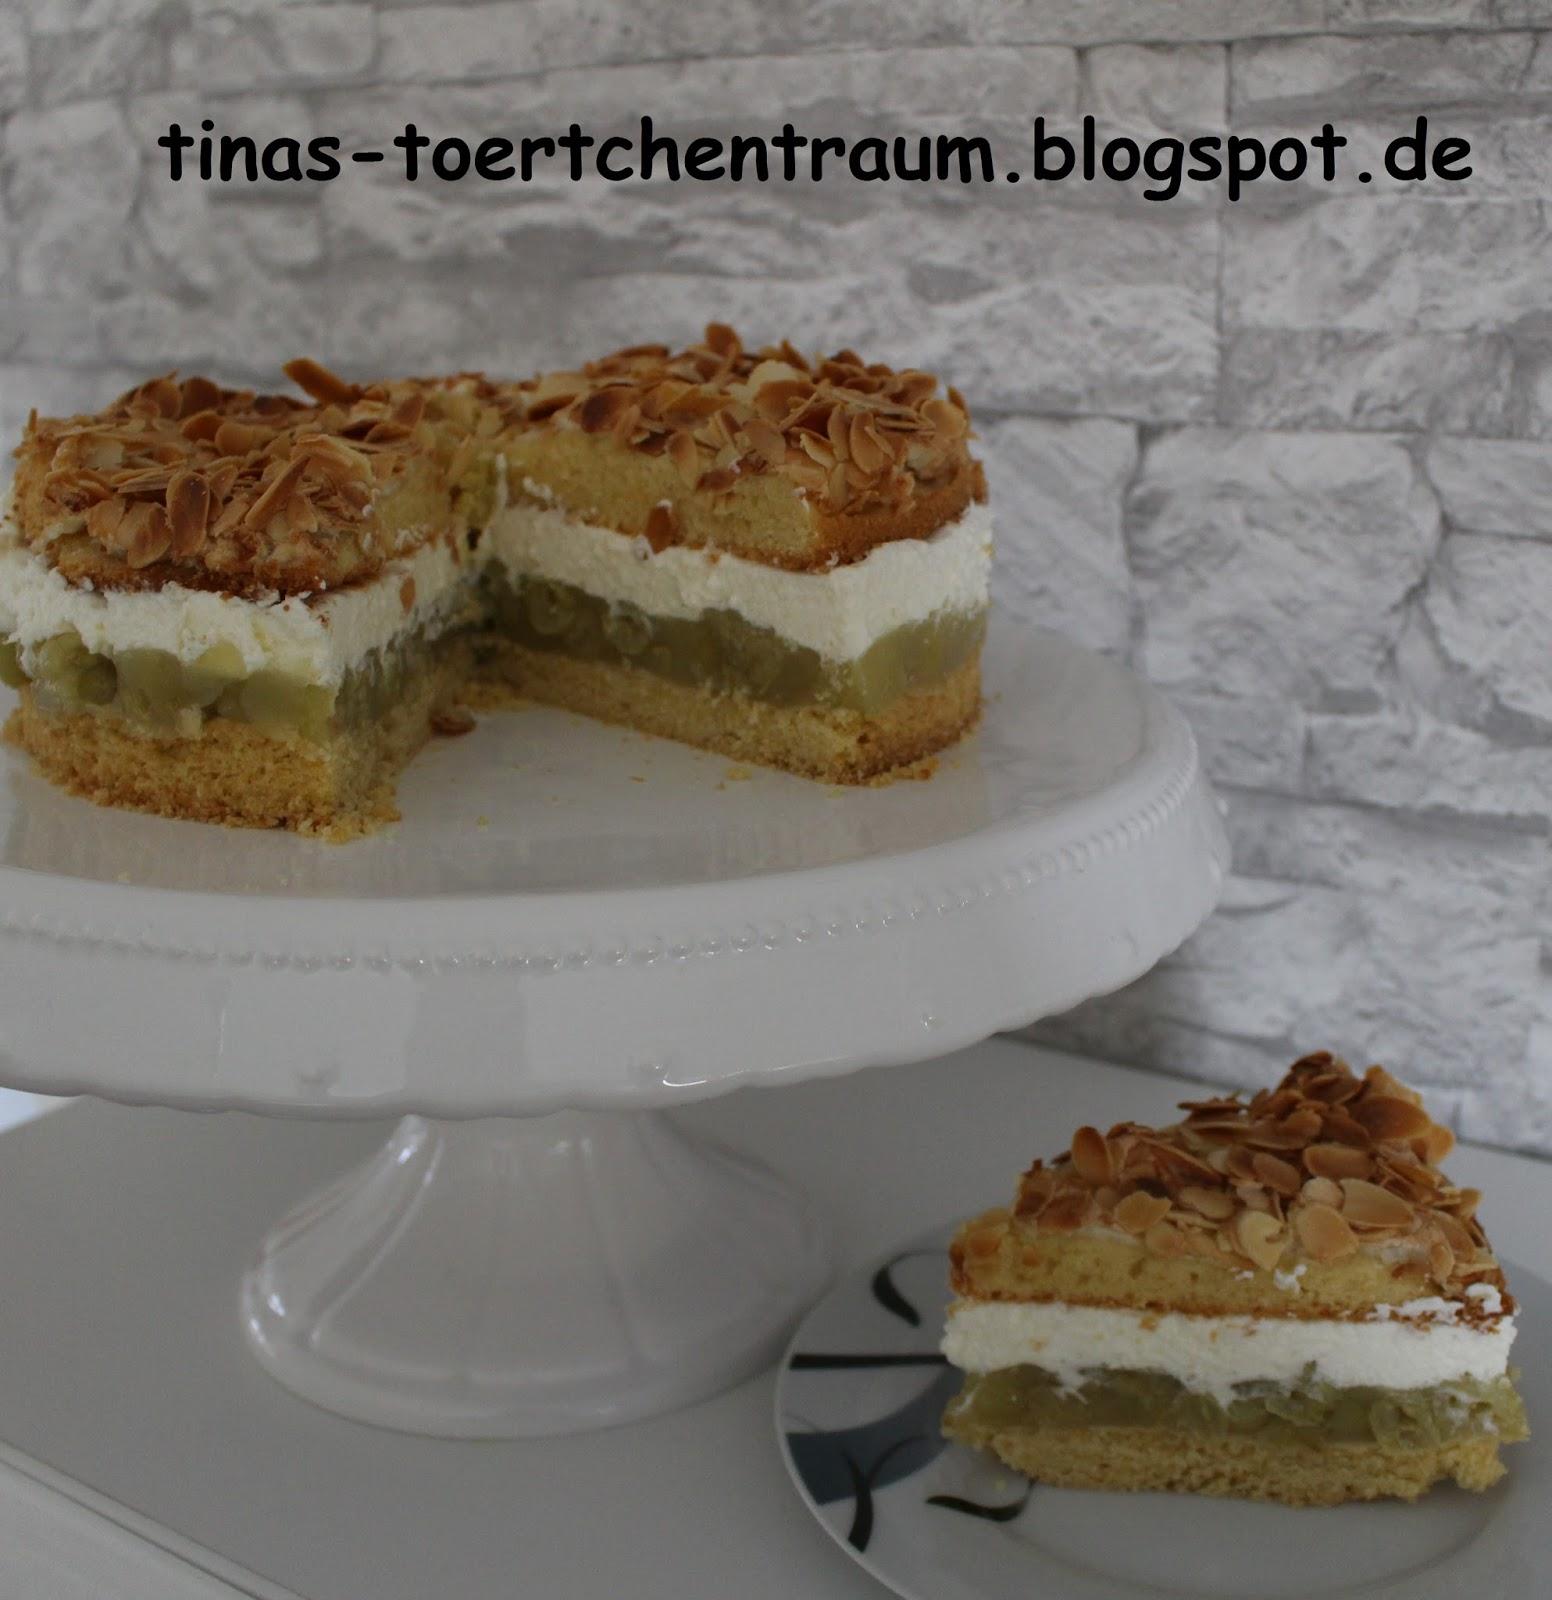 Tina S Tortchentraum Stachelbeer Baiser Torte